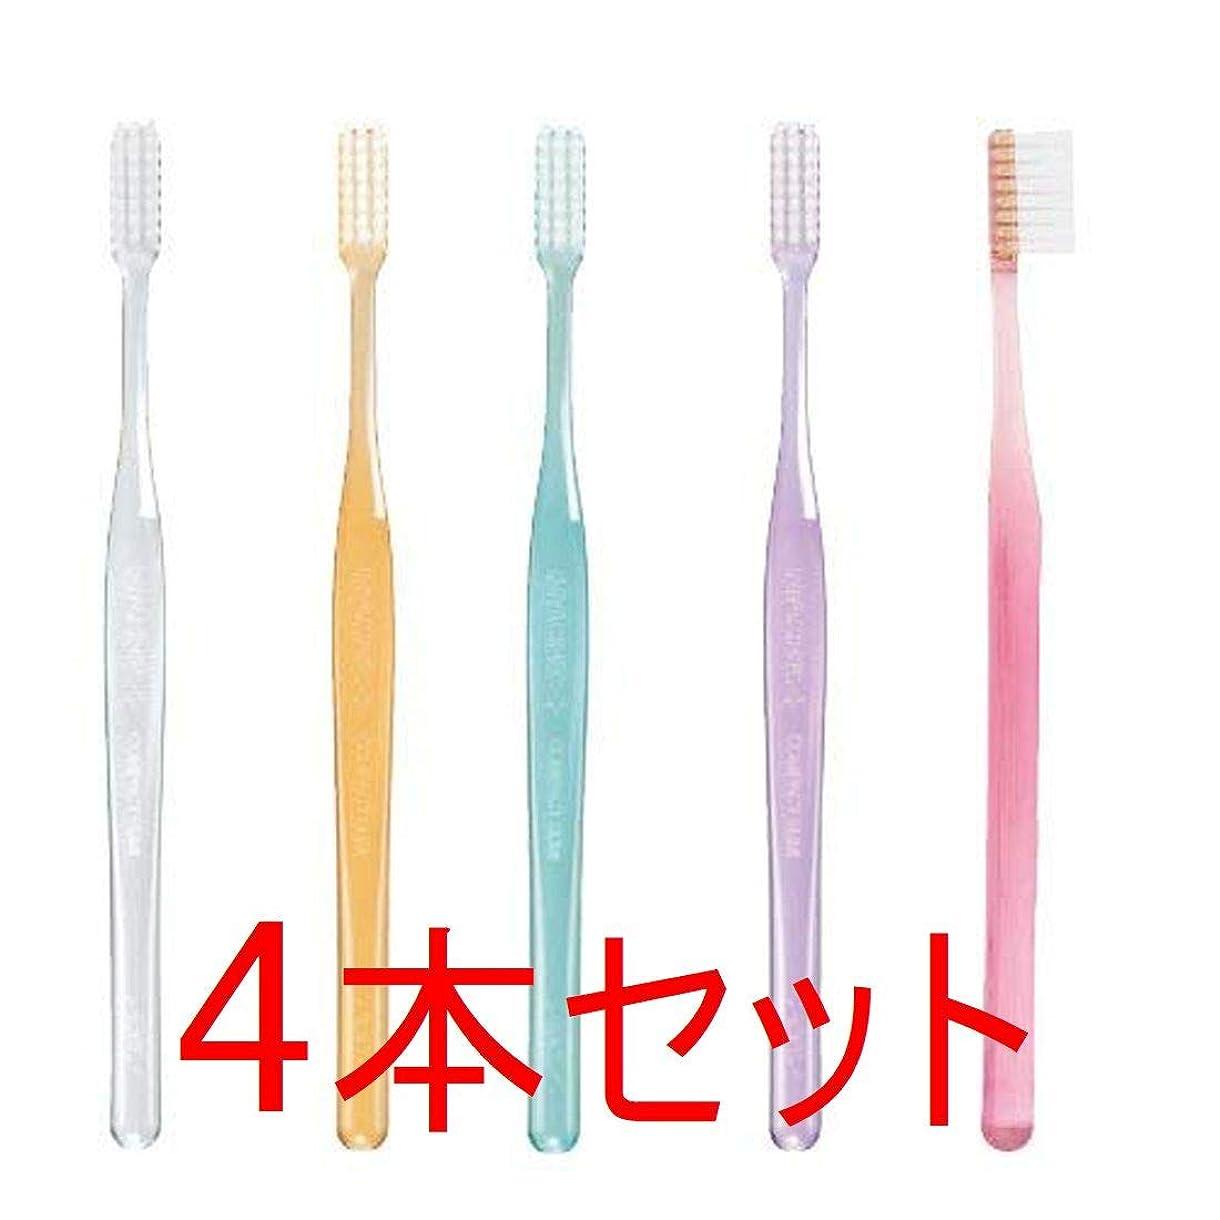 苦行ジャケット微視的GC プロスペック 歯ブラシ プラス コンパクトスリム 4本 クリアー色 (M(ふつう), おまかせ)